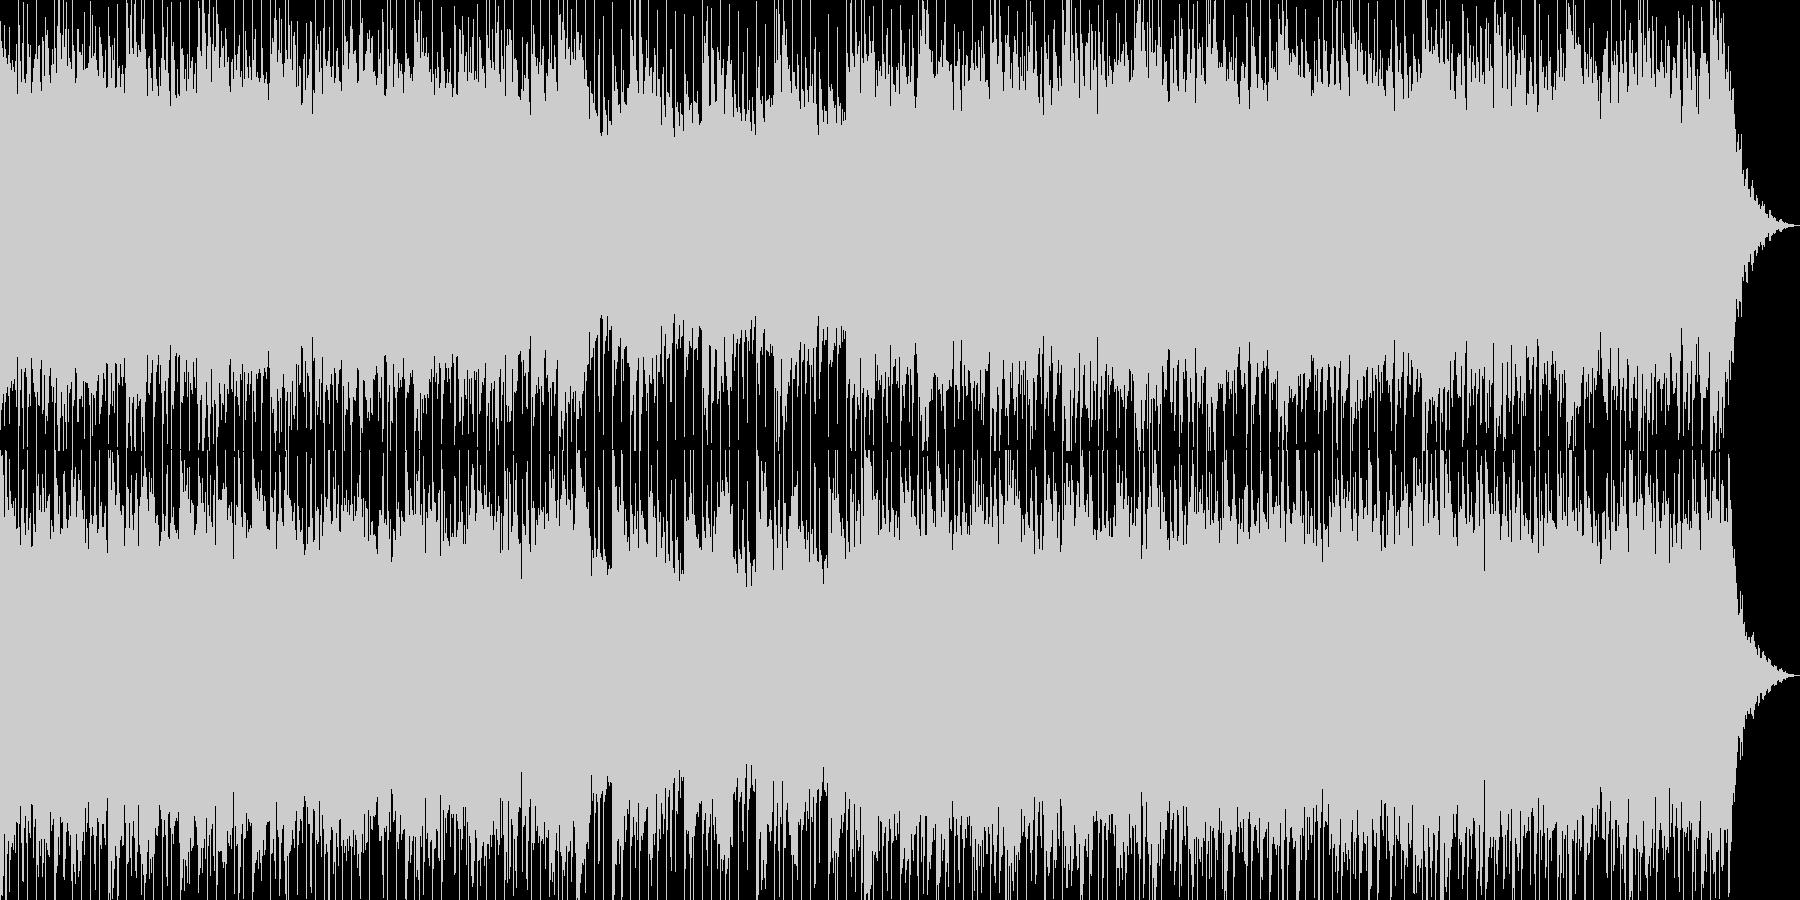 爽やかで軽いノリの明るいポップス-05の未再生の波形